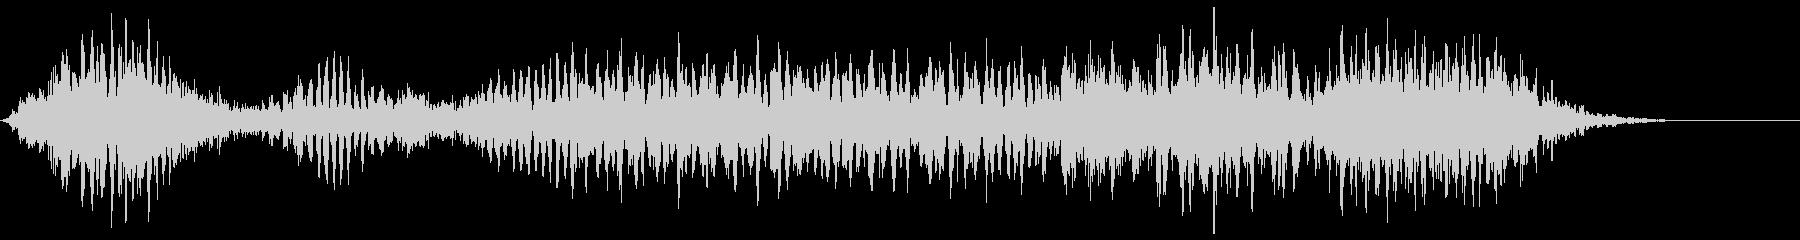 Hufo ... (moving, suspicious, uncomfortable)'s unreproduced waveform